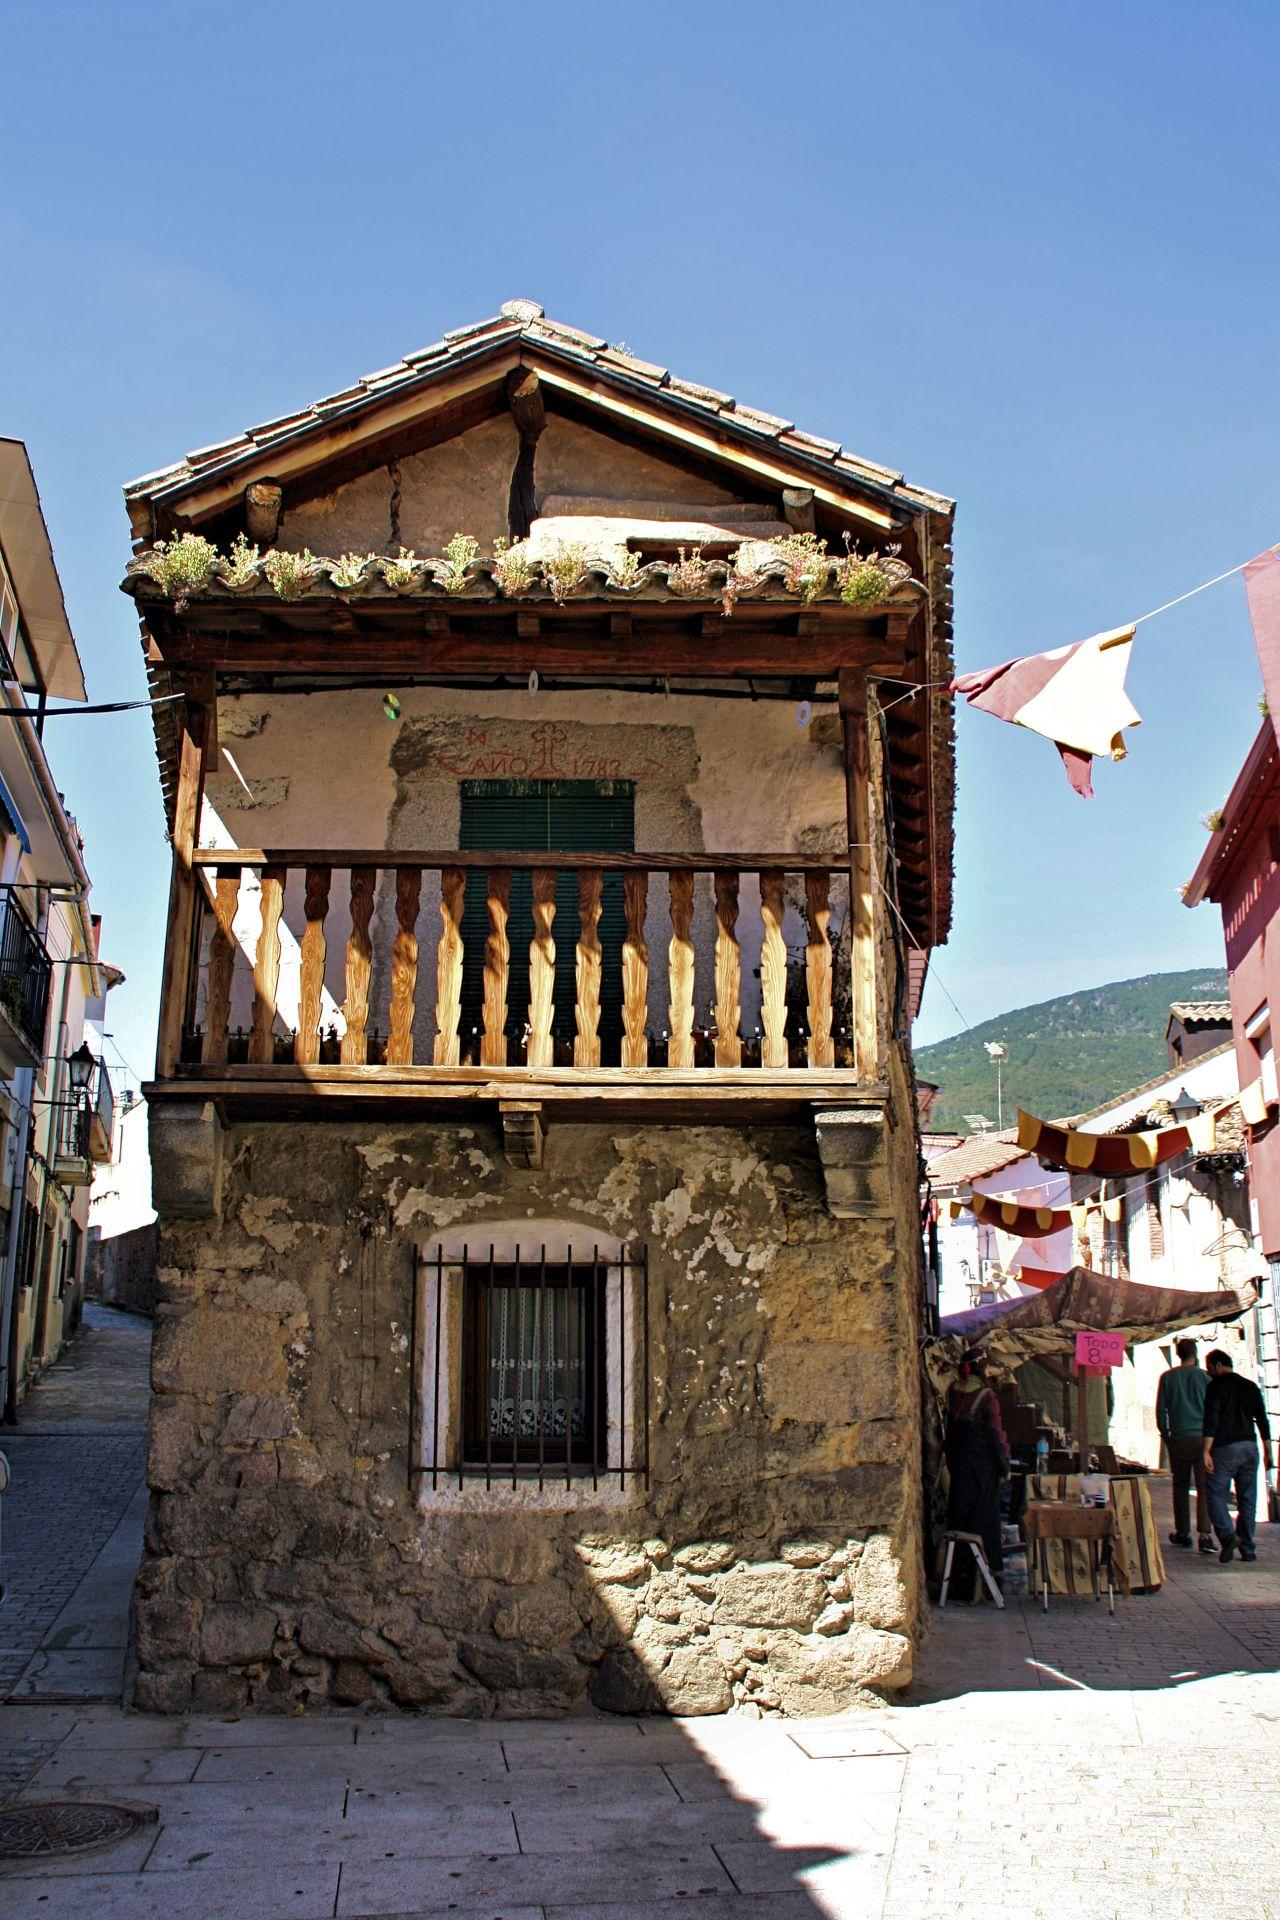 La Casa Es Muy Bonita Y Grande World Mediterranean: La Adrada, Retorno Al Medievo